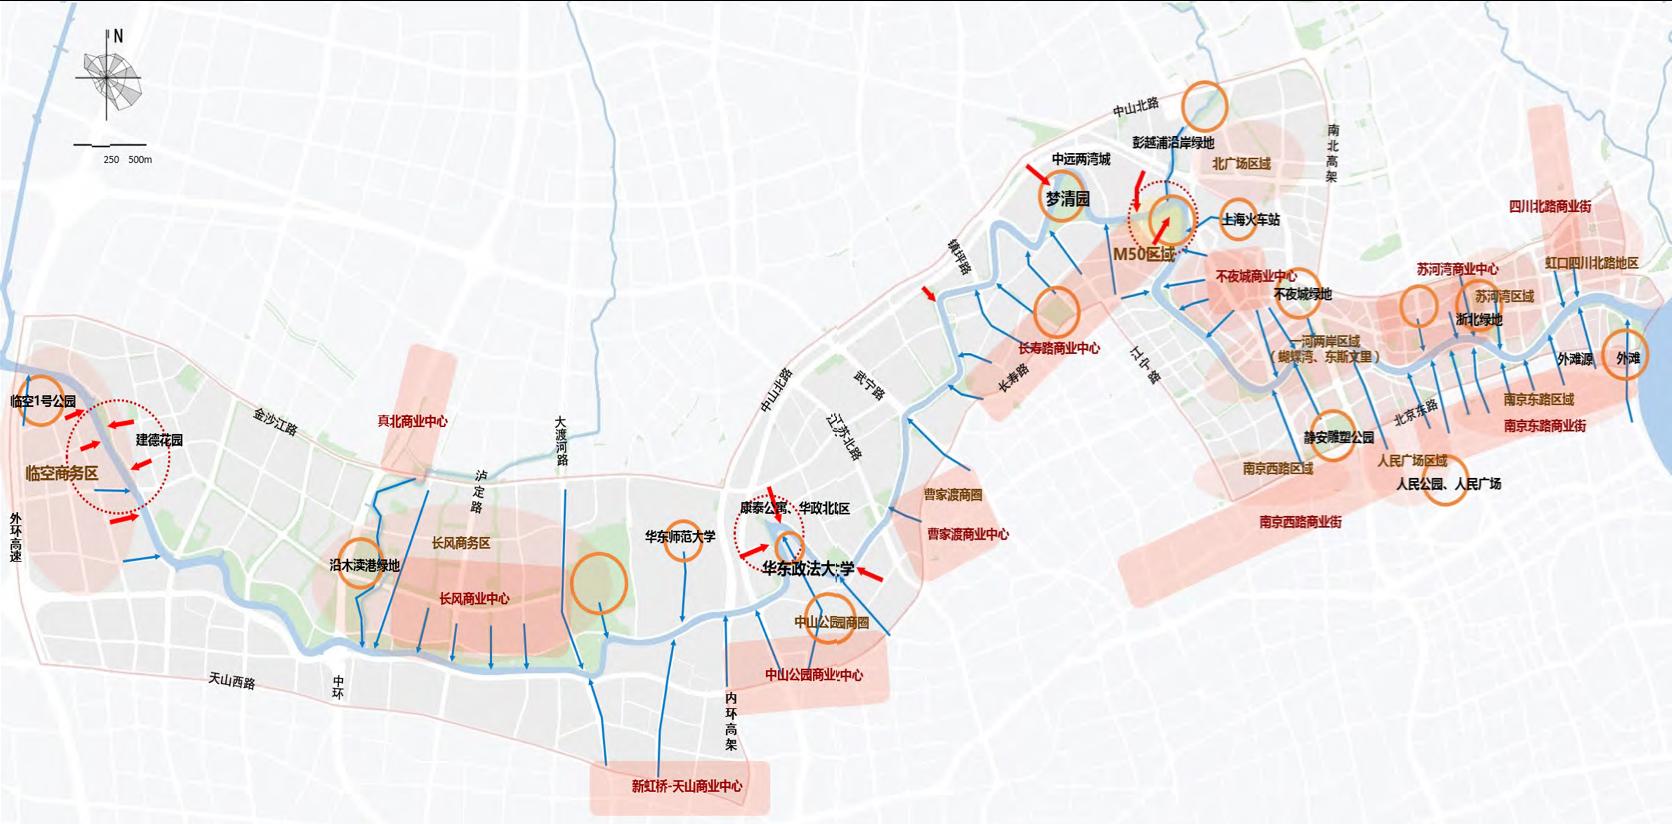 苏州河中心城段节点,点击图片放大。陈丽红 供图